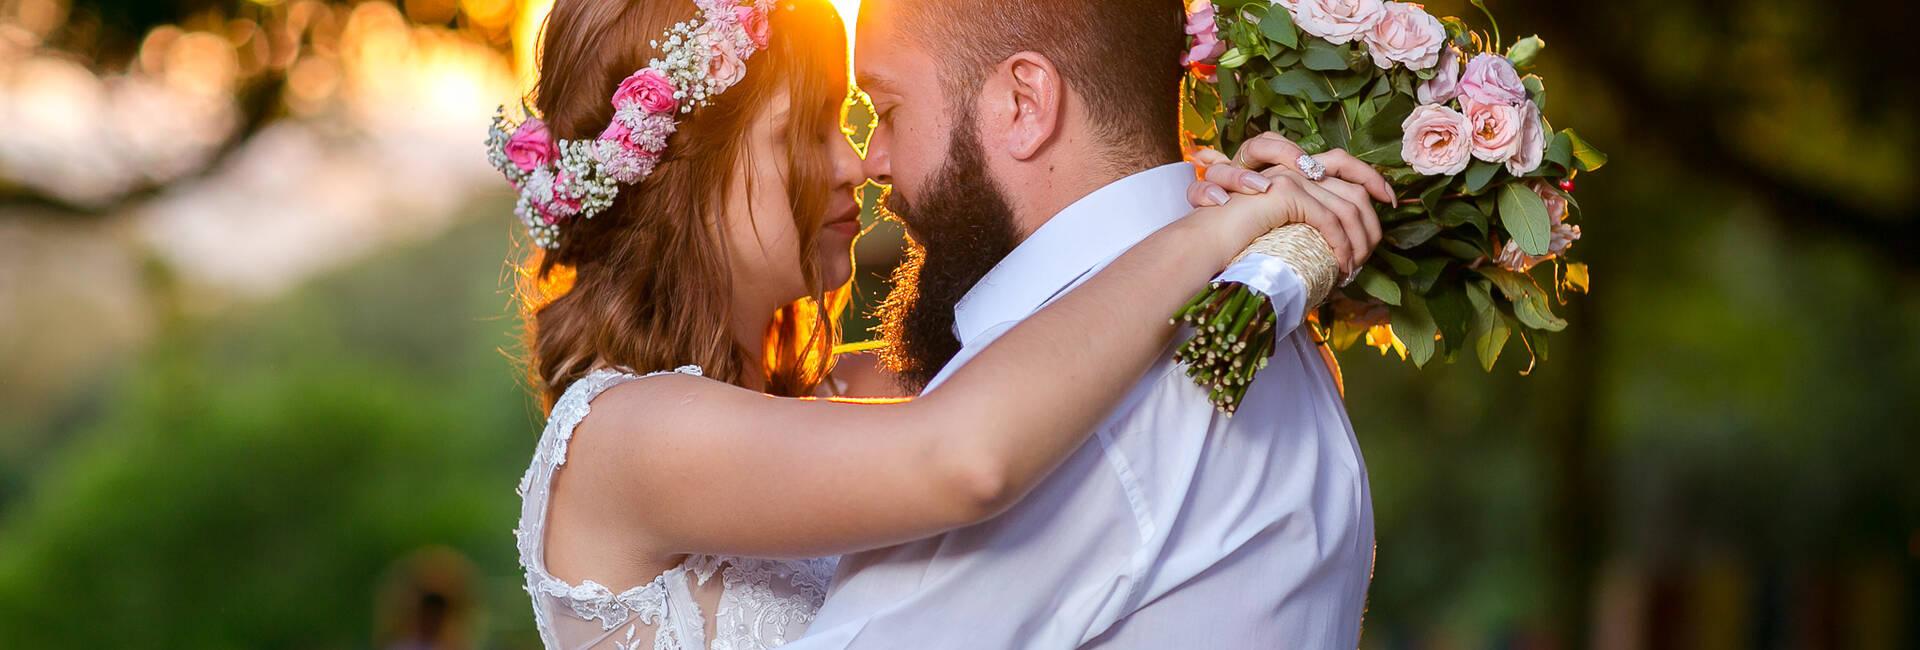 Casamento de JULIANA E SERGIO